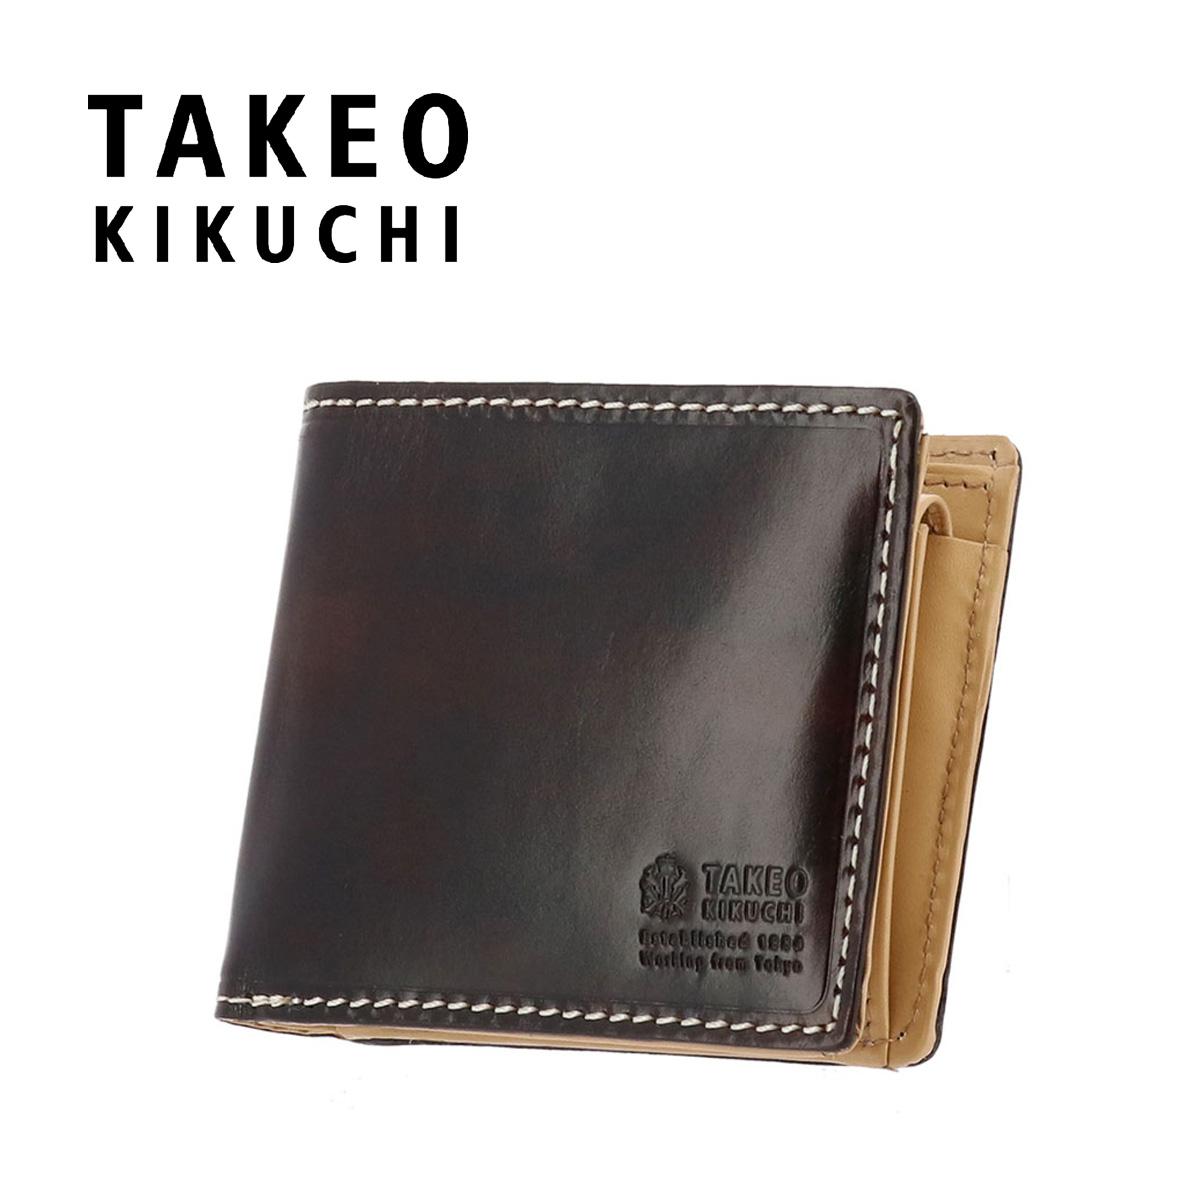 タケオキクチ 二つ折り財布 ハンド 728604 TAKEO KIKUCHI 牛革 メンズ【PO5】【bef】